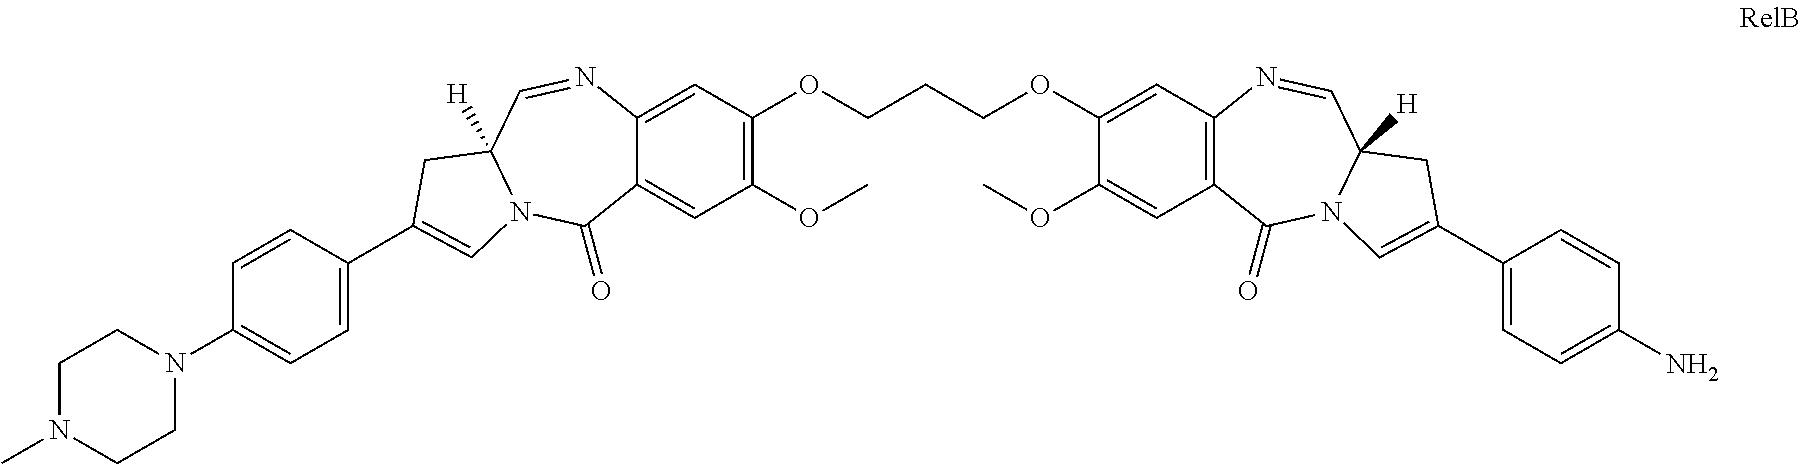 Figure US09919056-20180320-C00037